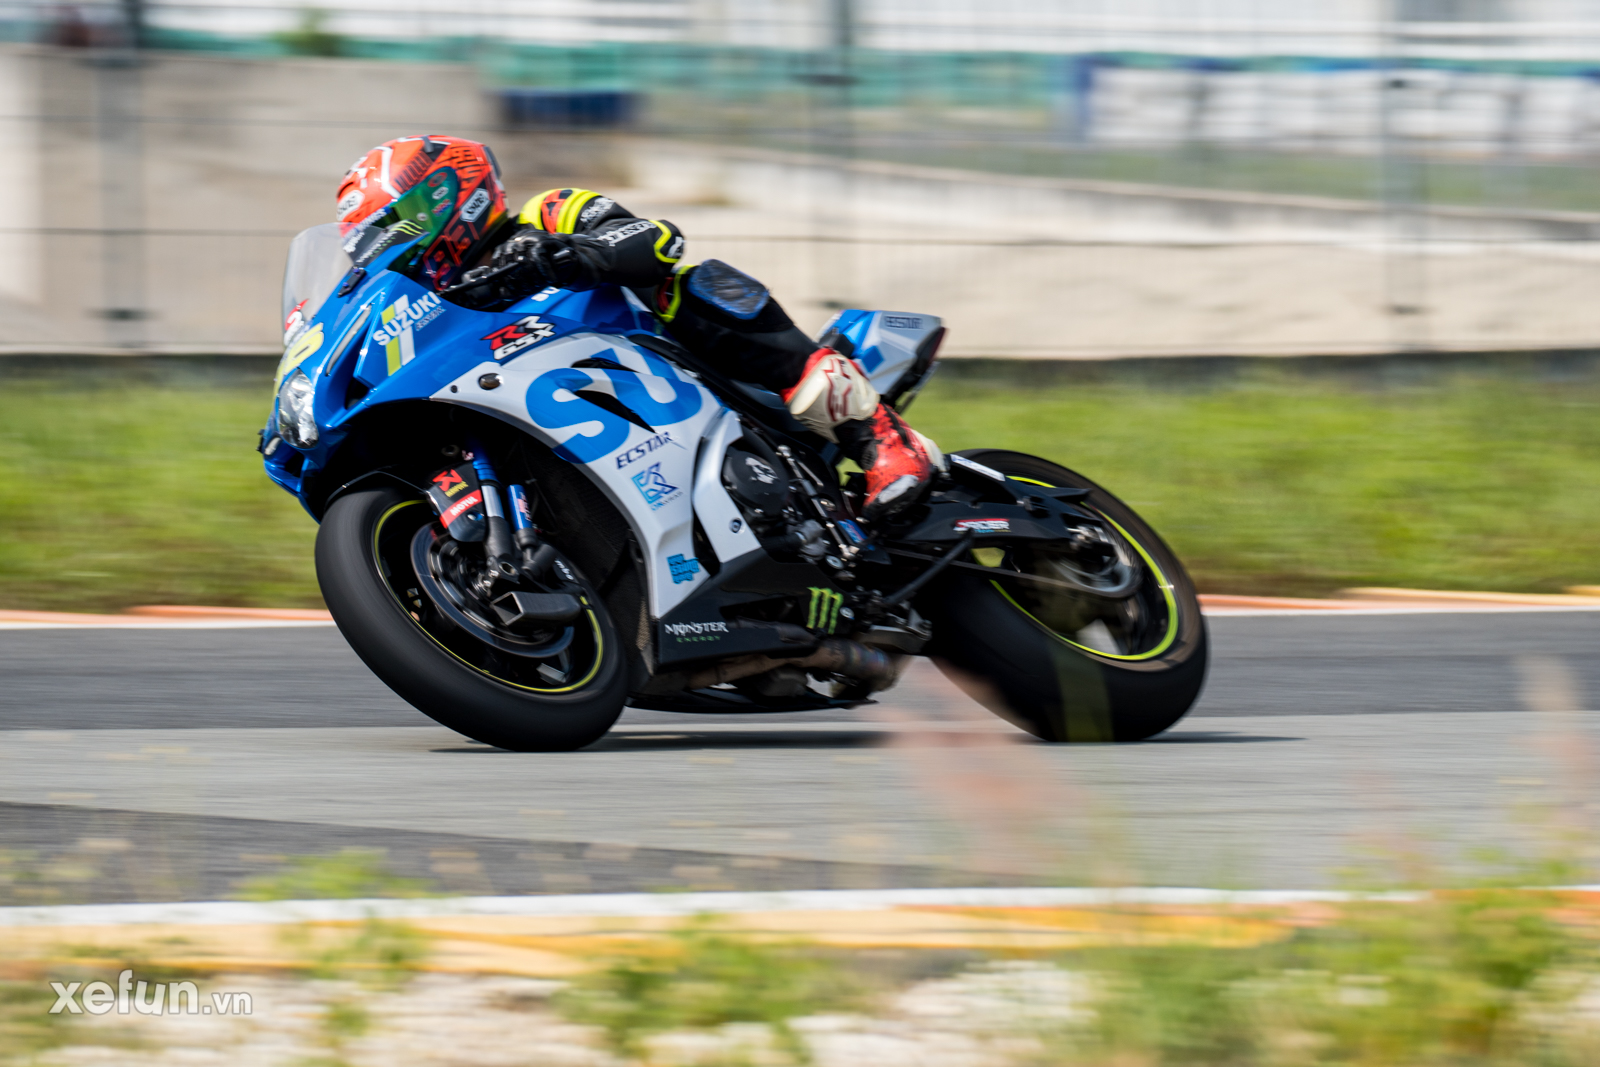 Các tay đua nài xe phân khối lớn PKL BMW S1000RR Ducati Monster Kawasaki Ninja ZX10R tại Trường đua Đại Nam trên Xefun (1)3546